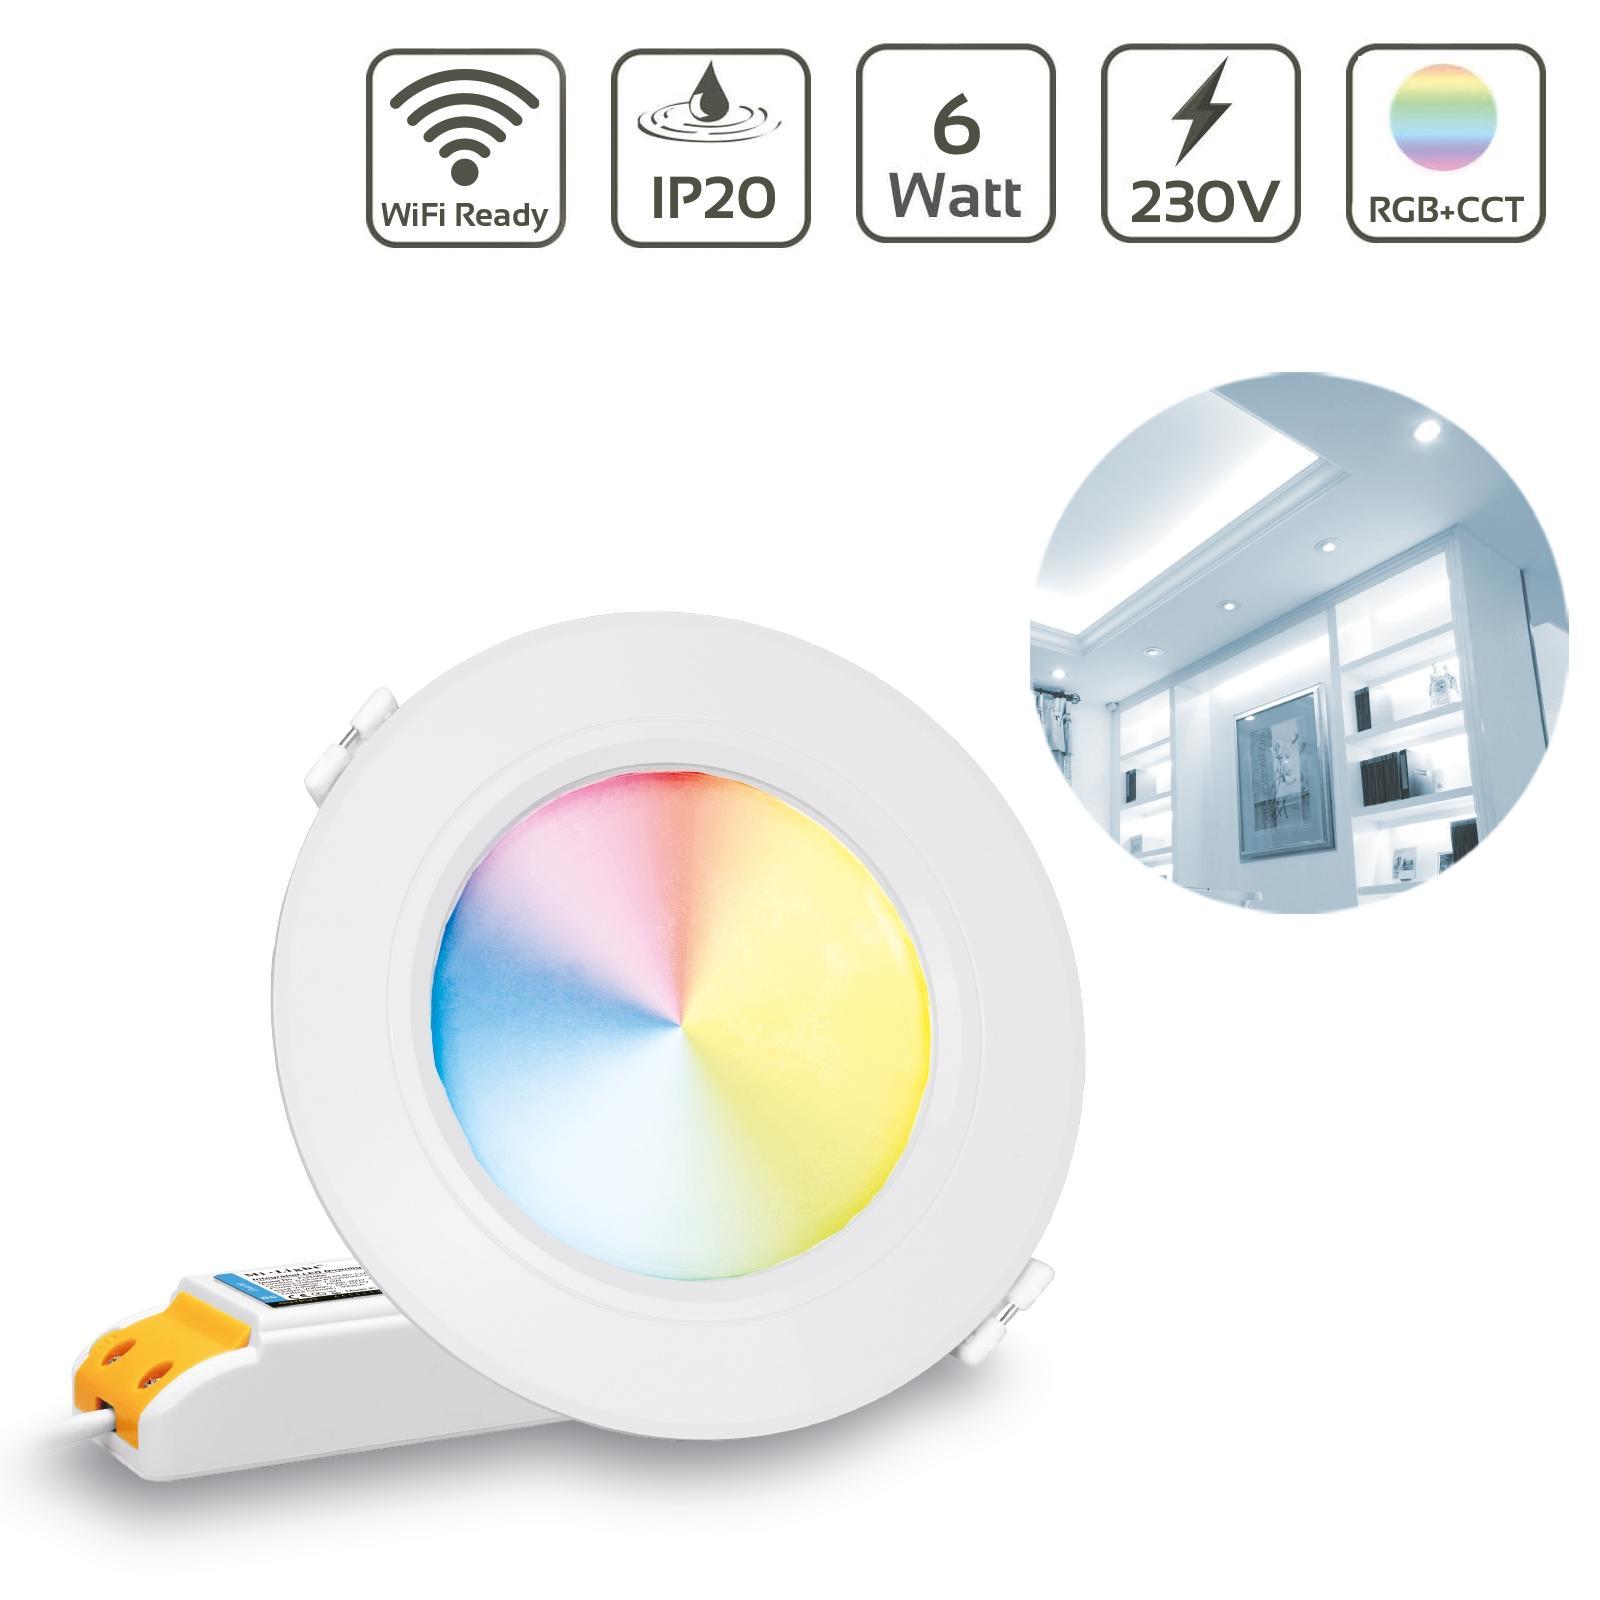 MiBoxer LED Einbaustrahler RGB+CCT 6W Ø118mm 2.4GHz, WiFi ready FUT068